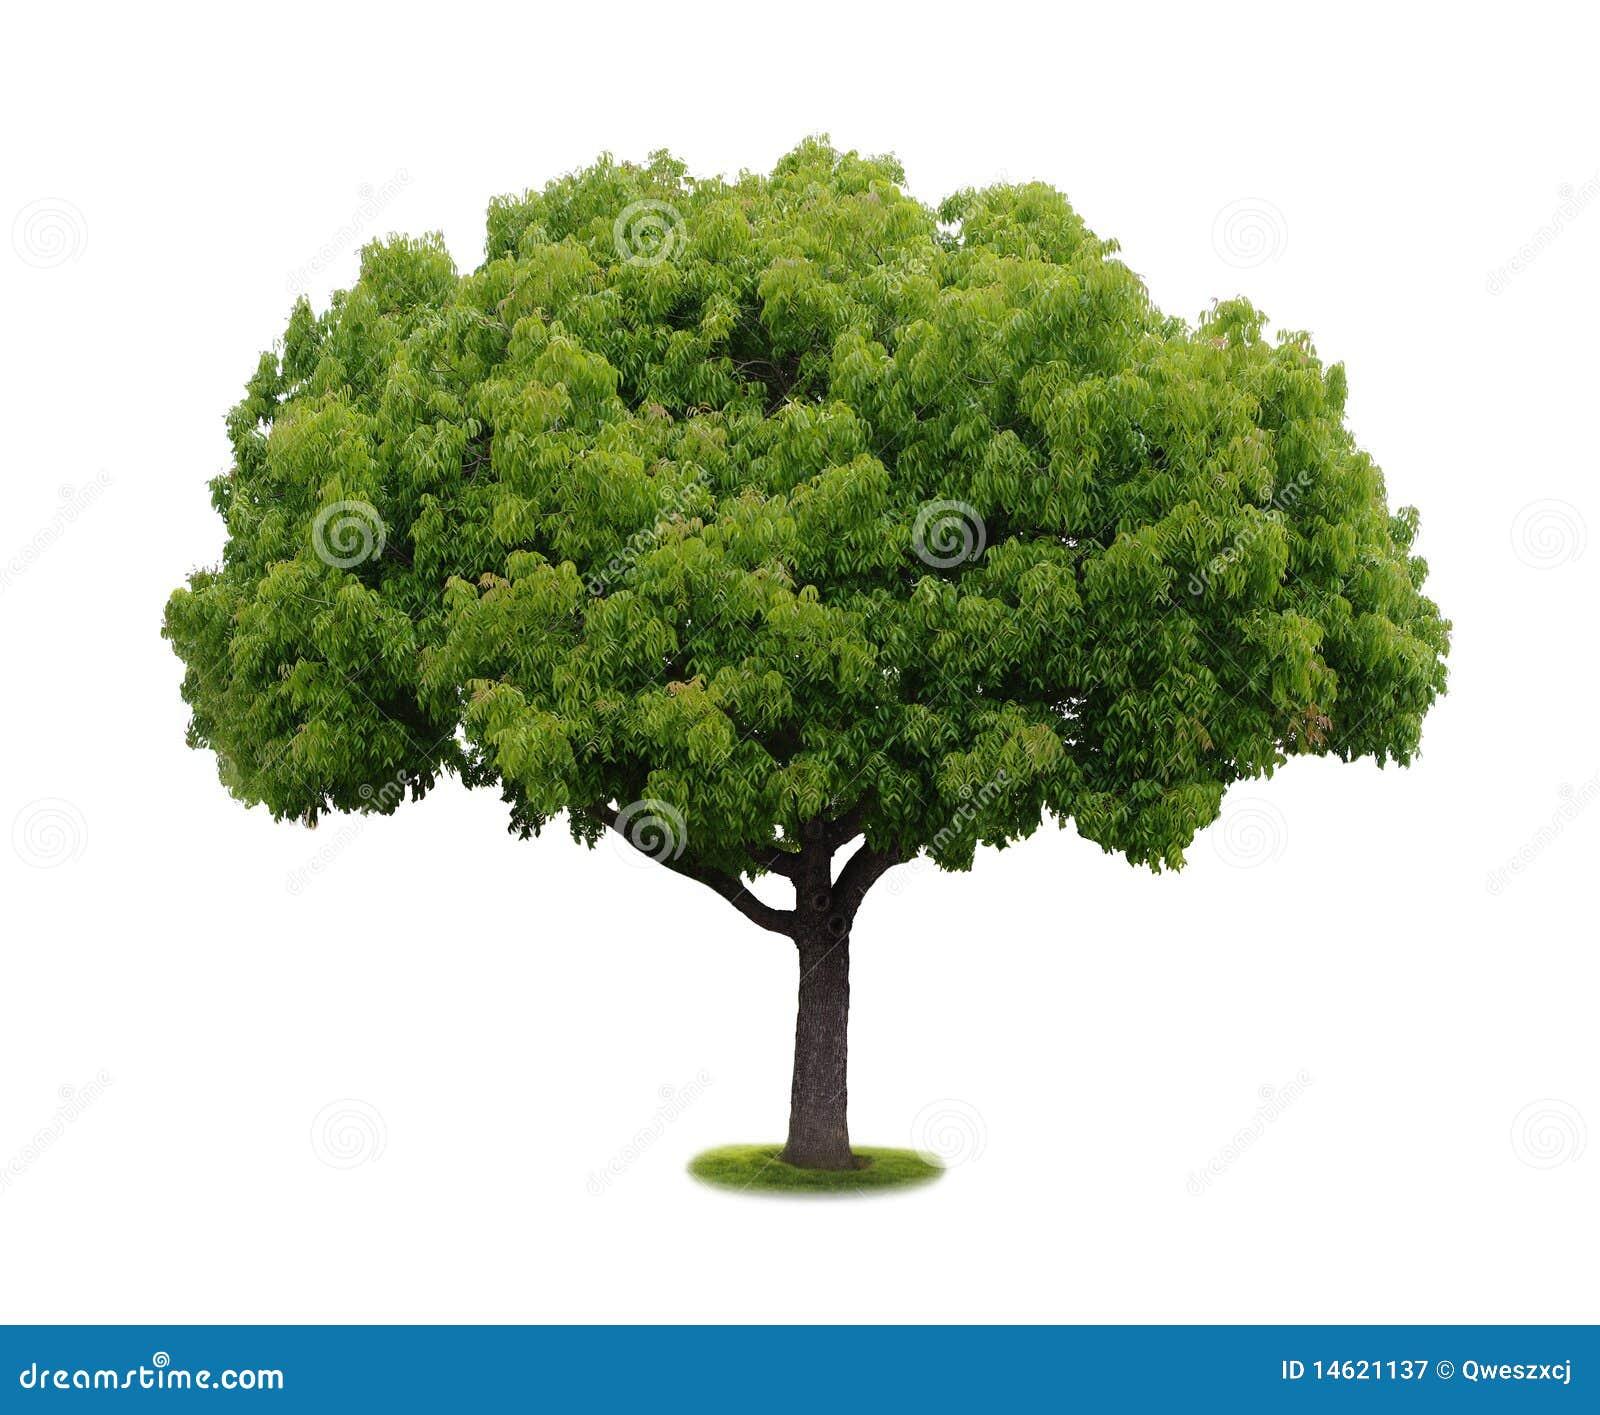 un arbre avec un fond blanc no6 image stock image du normal environnement 14621137. Black Bedroom Furniture Sets. Home Design Ideas